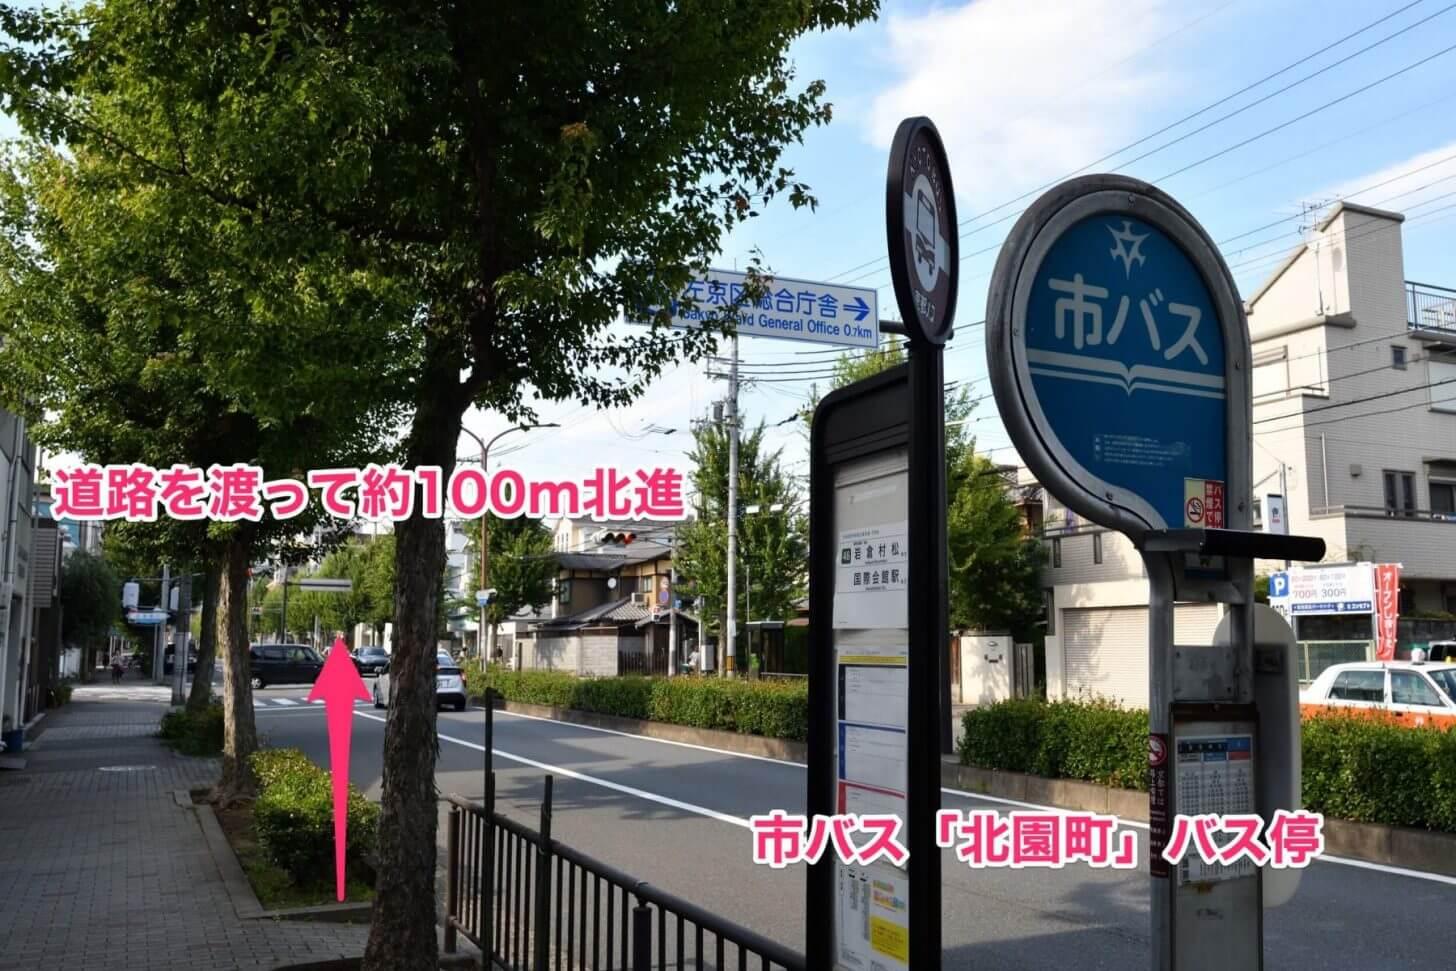 市バス「北園町」バス停から北に約100m